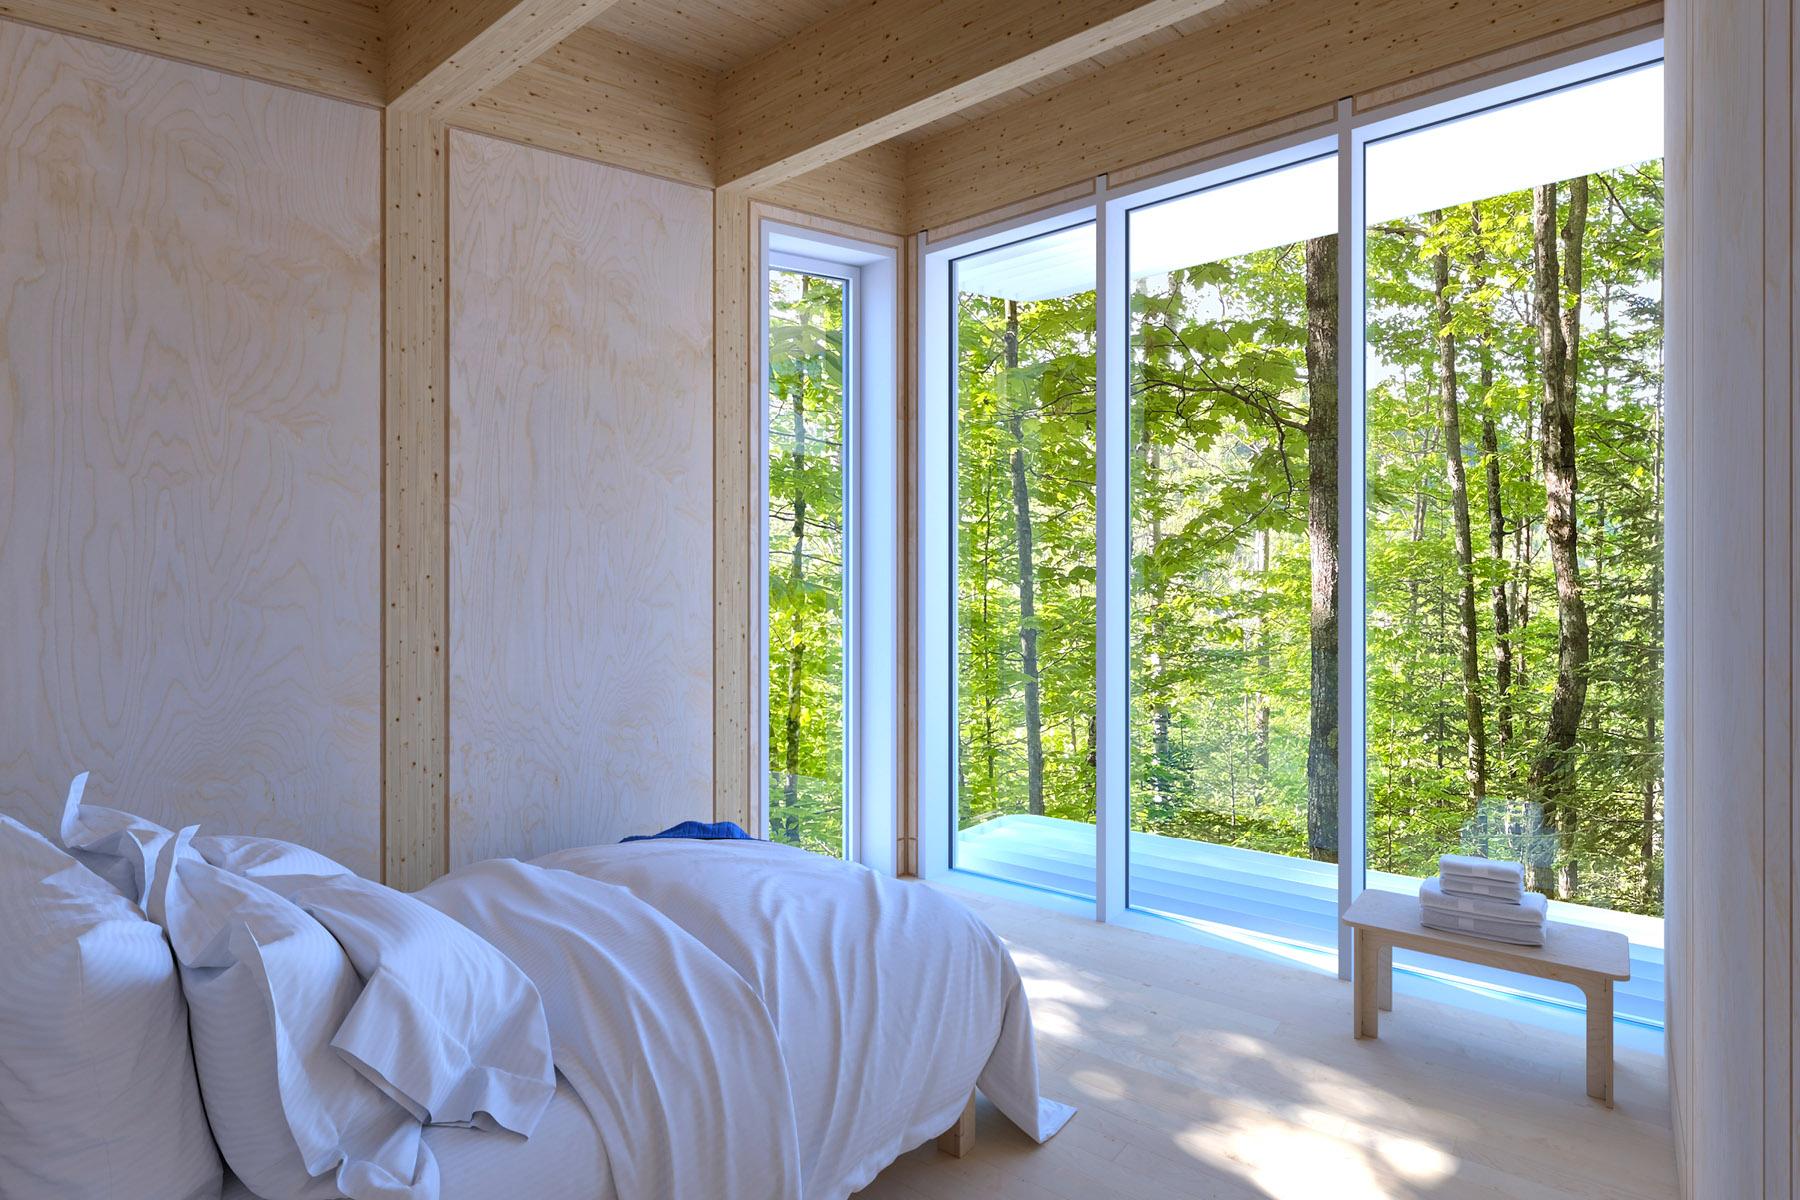 Chambre avec vue sur la forêt